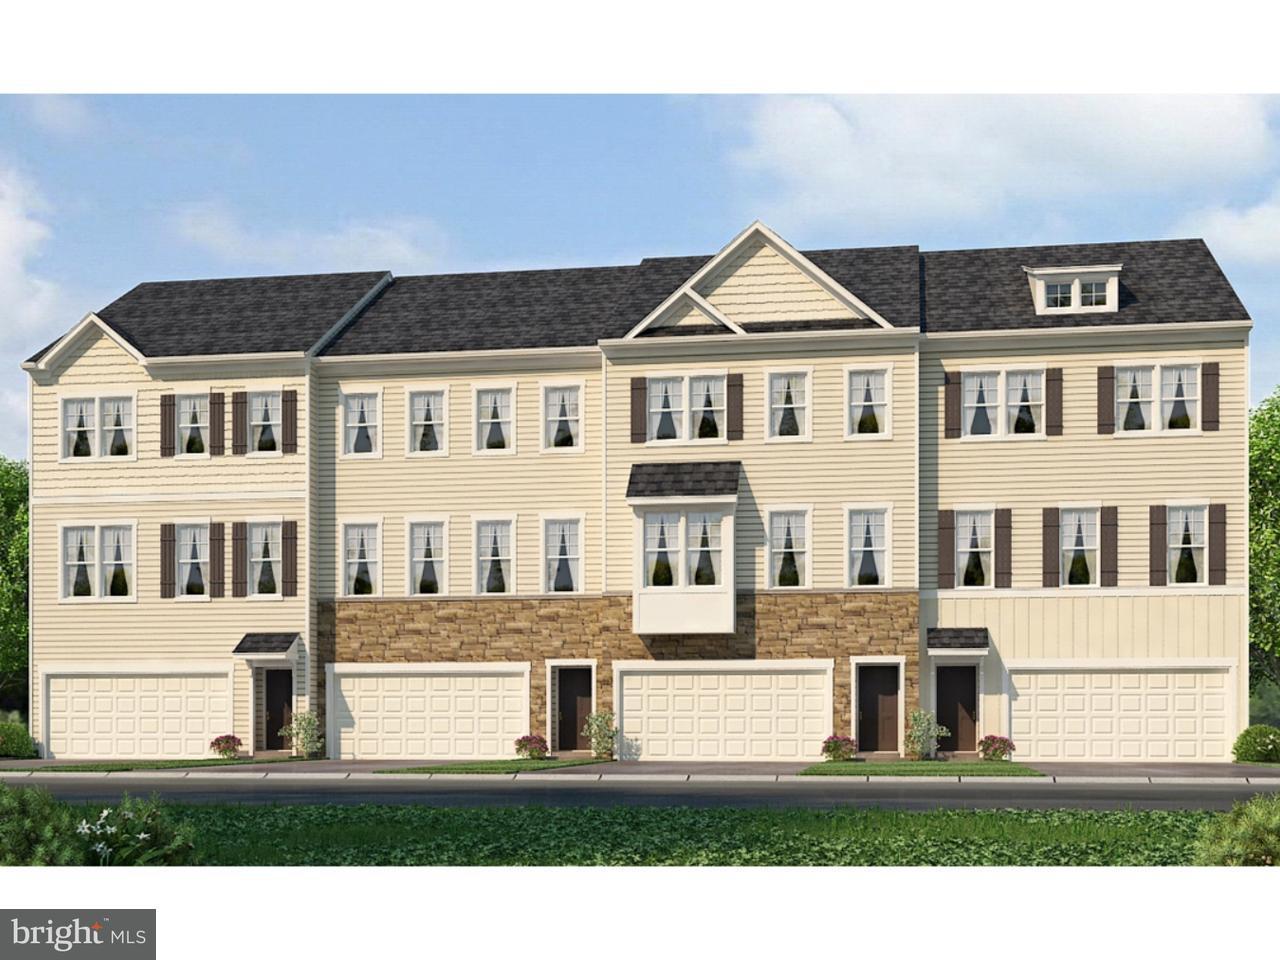 Radhus för Försäljning vid 27 SULLIVAN WAY Marlton, New Jersey 08053 Usa